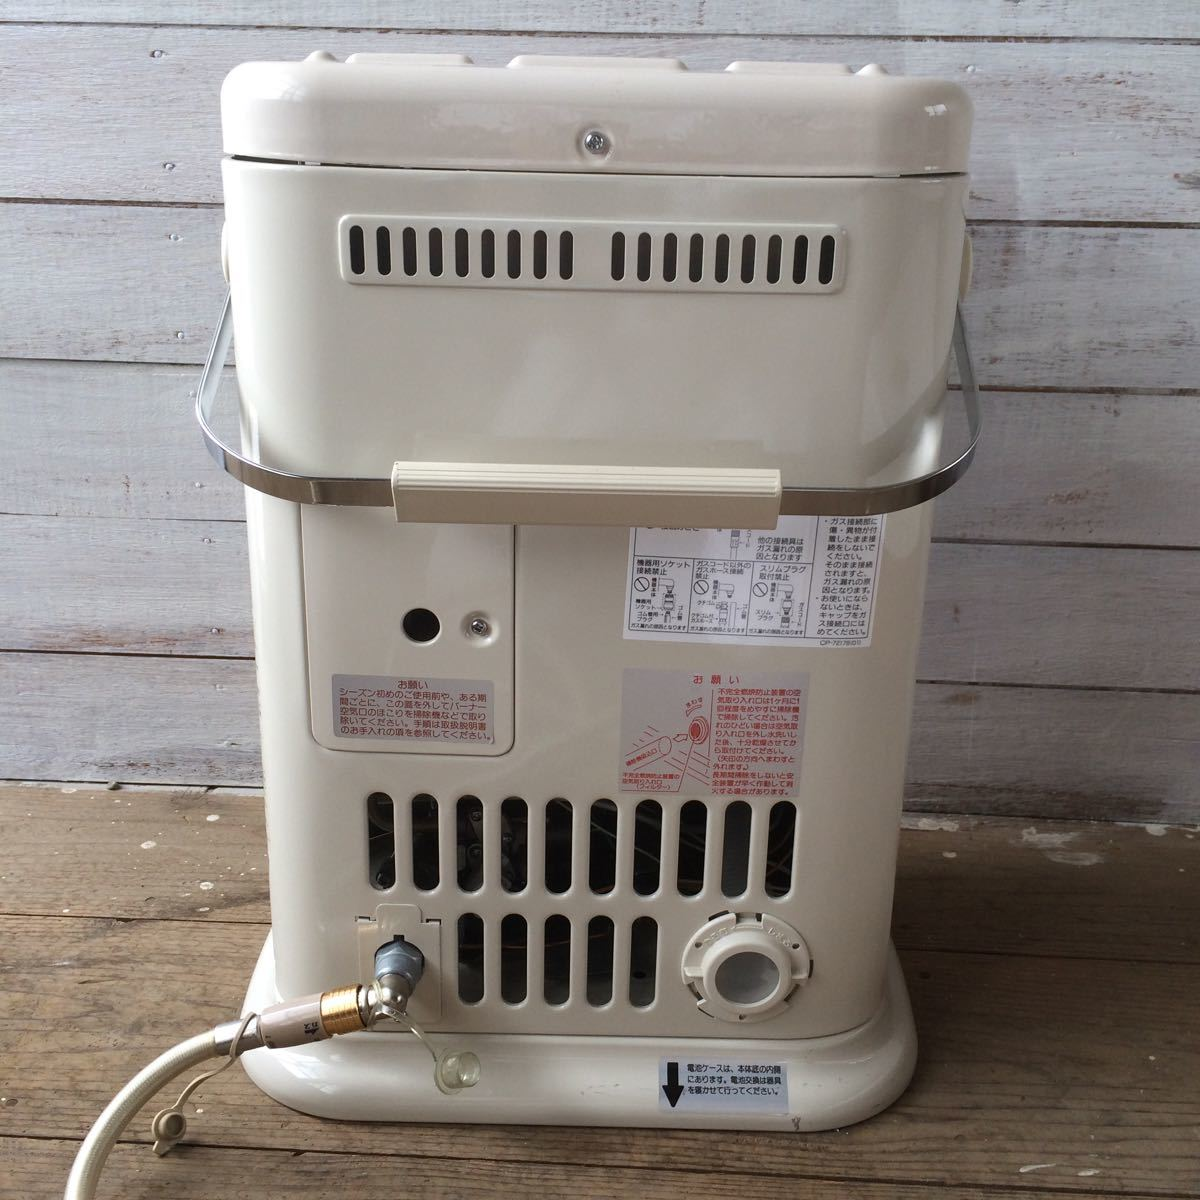 【美品】 Rinnai リンナイ ガス赤外線ストーブ ガスストーブ R-652PMS Ⅲ-402 都市ガス用 上部湯沸かし _画像5